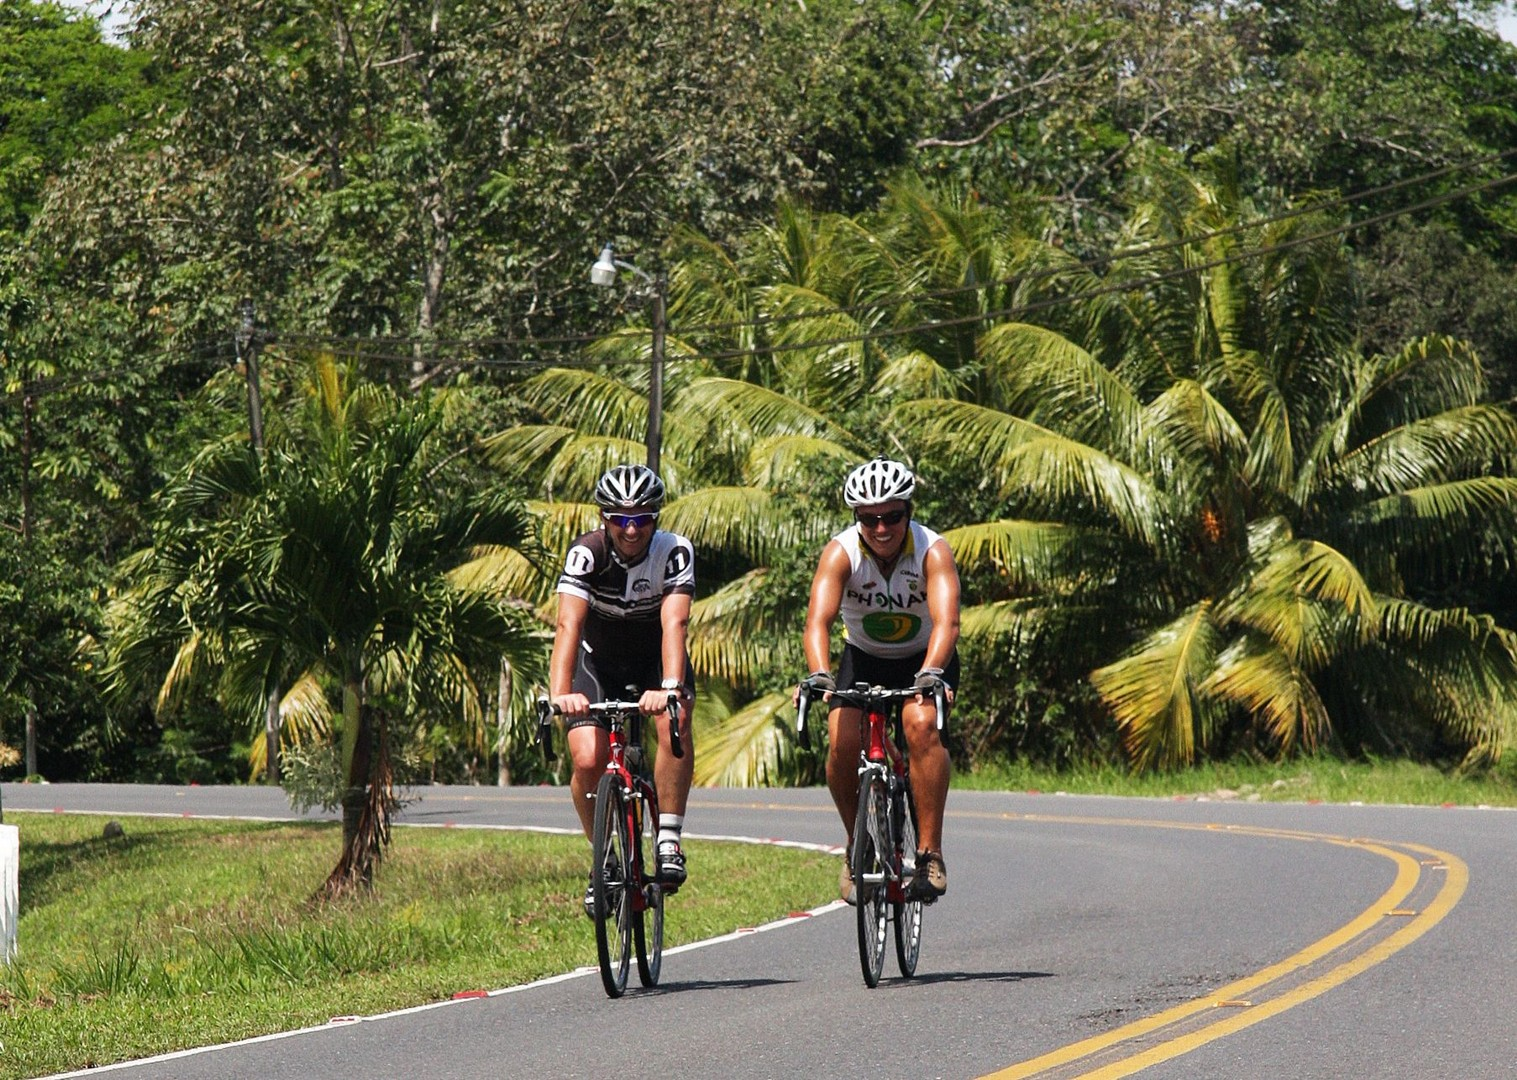 road-cycling-holiday-in-costa-rica-skedaddle-central-america.jpg - Costa Rica - Ruta de los Volcanes - Road Cycling